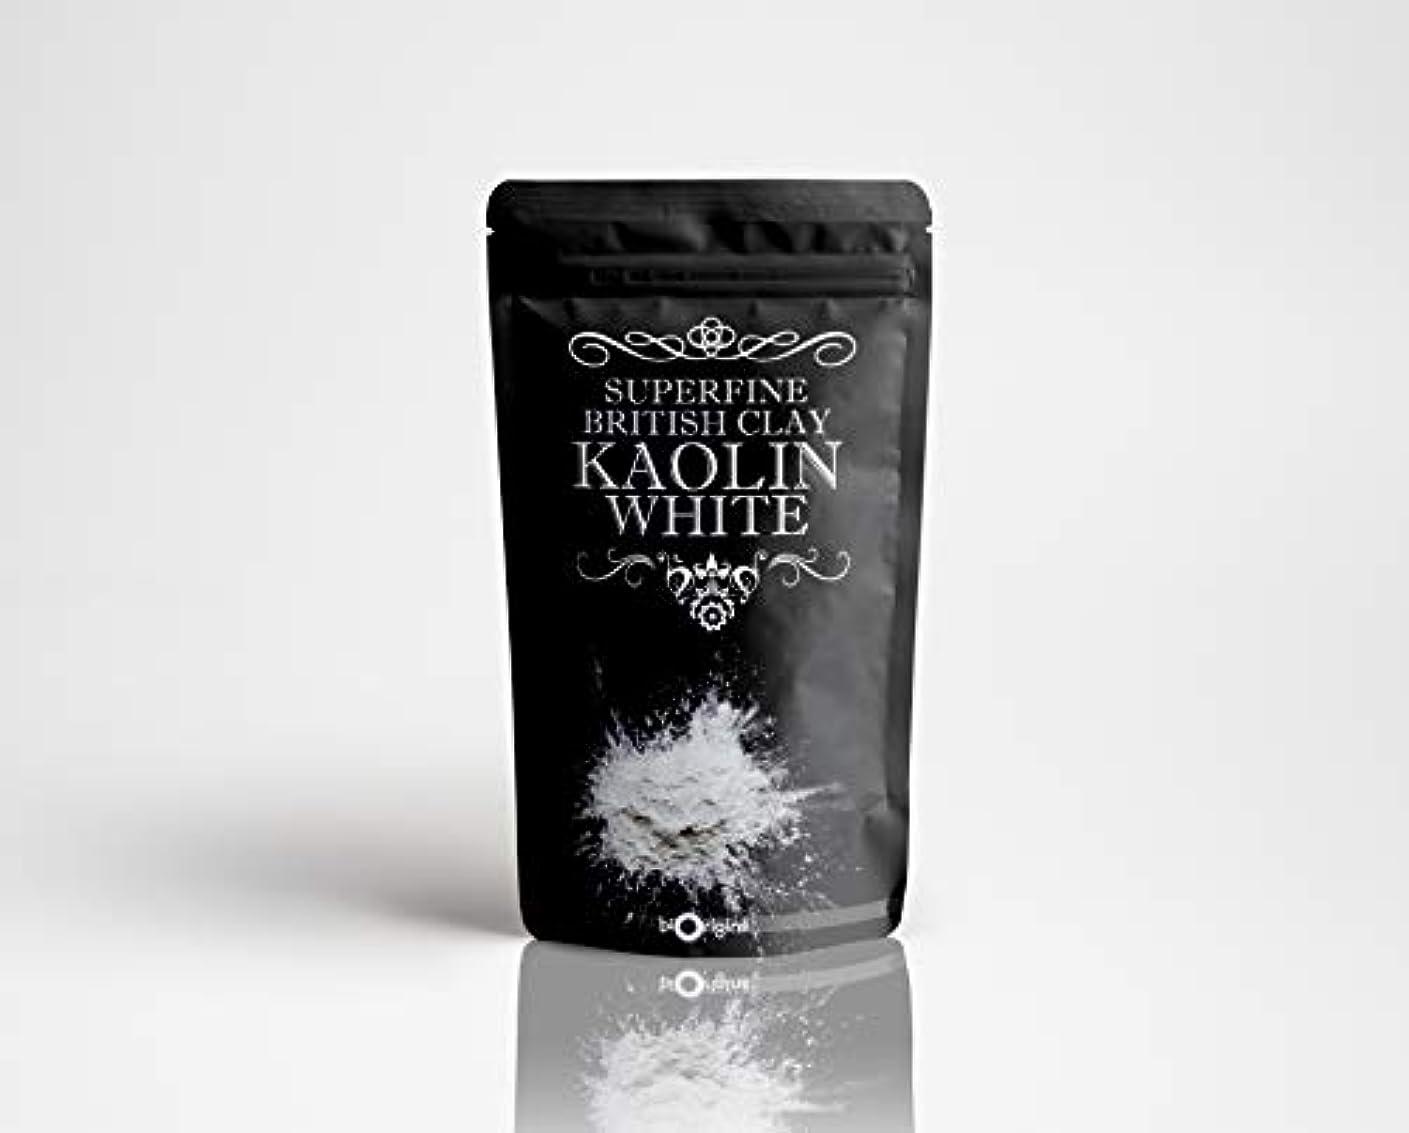 ノイズパズル尊敬するKaolin White Superfine British Clay - 100g